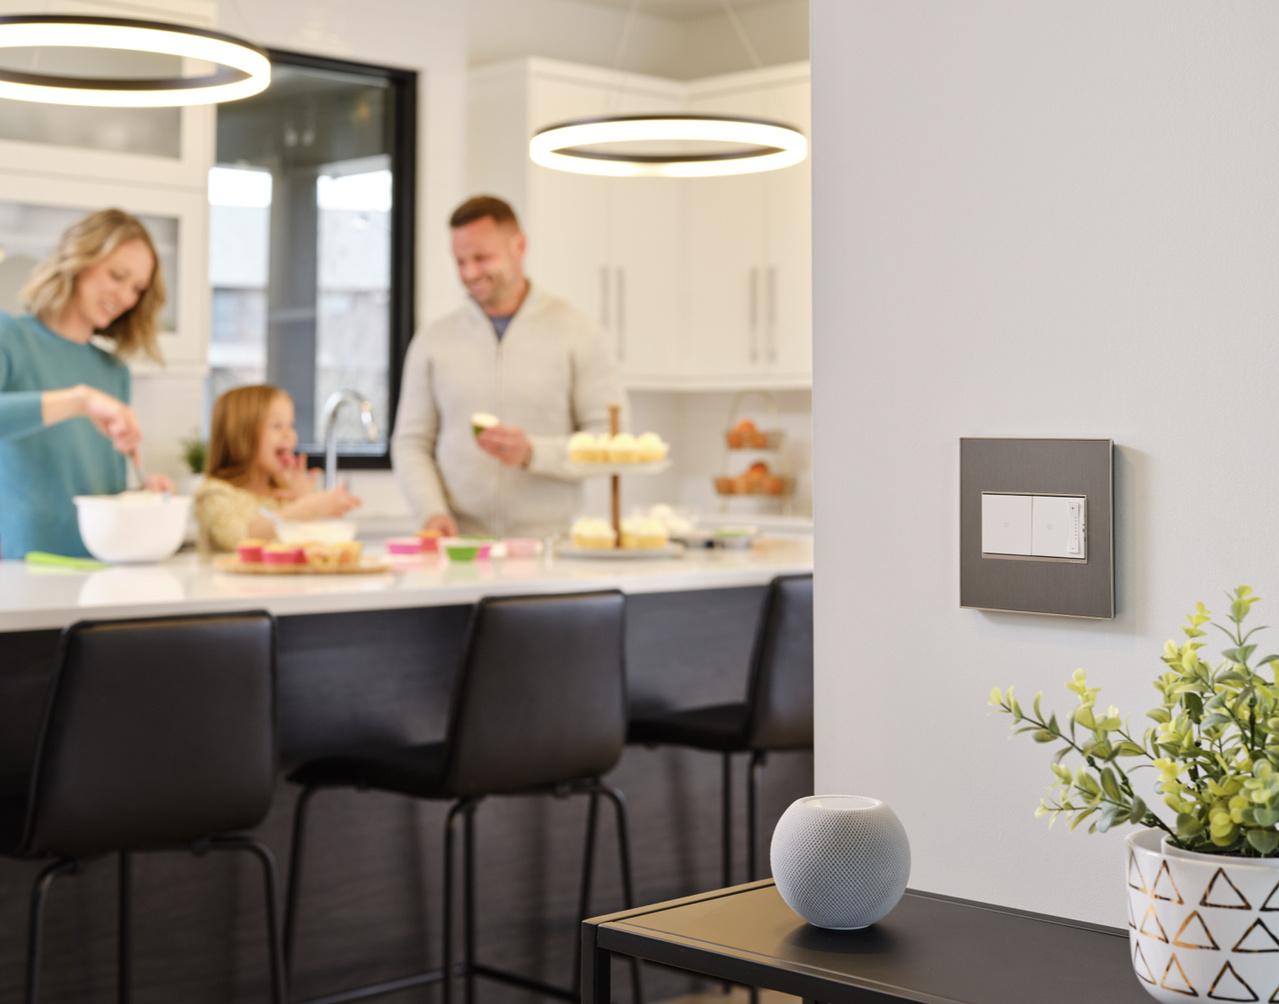 adorne smart lighting with netatmo in modern living room